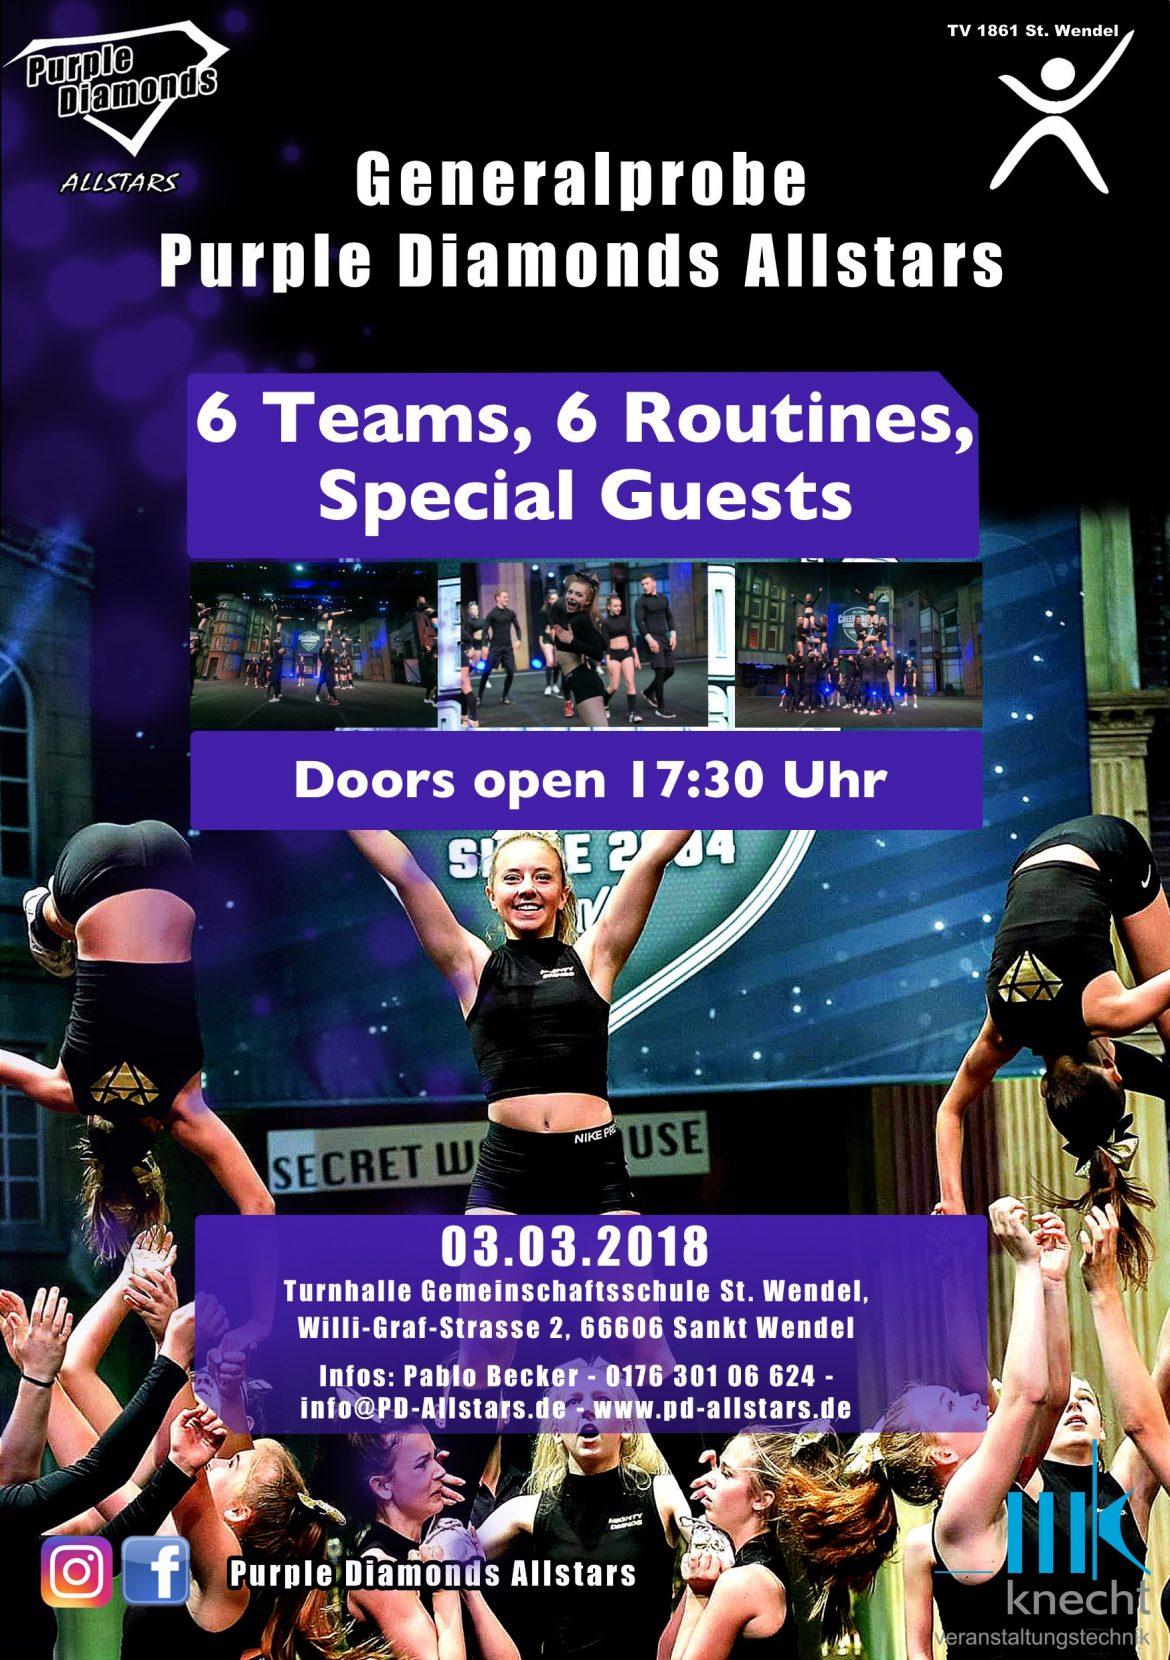 flyer generalprobe Cheerleading